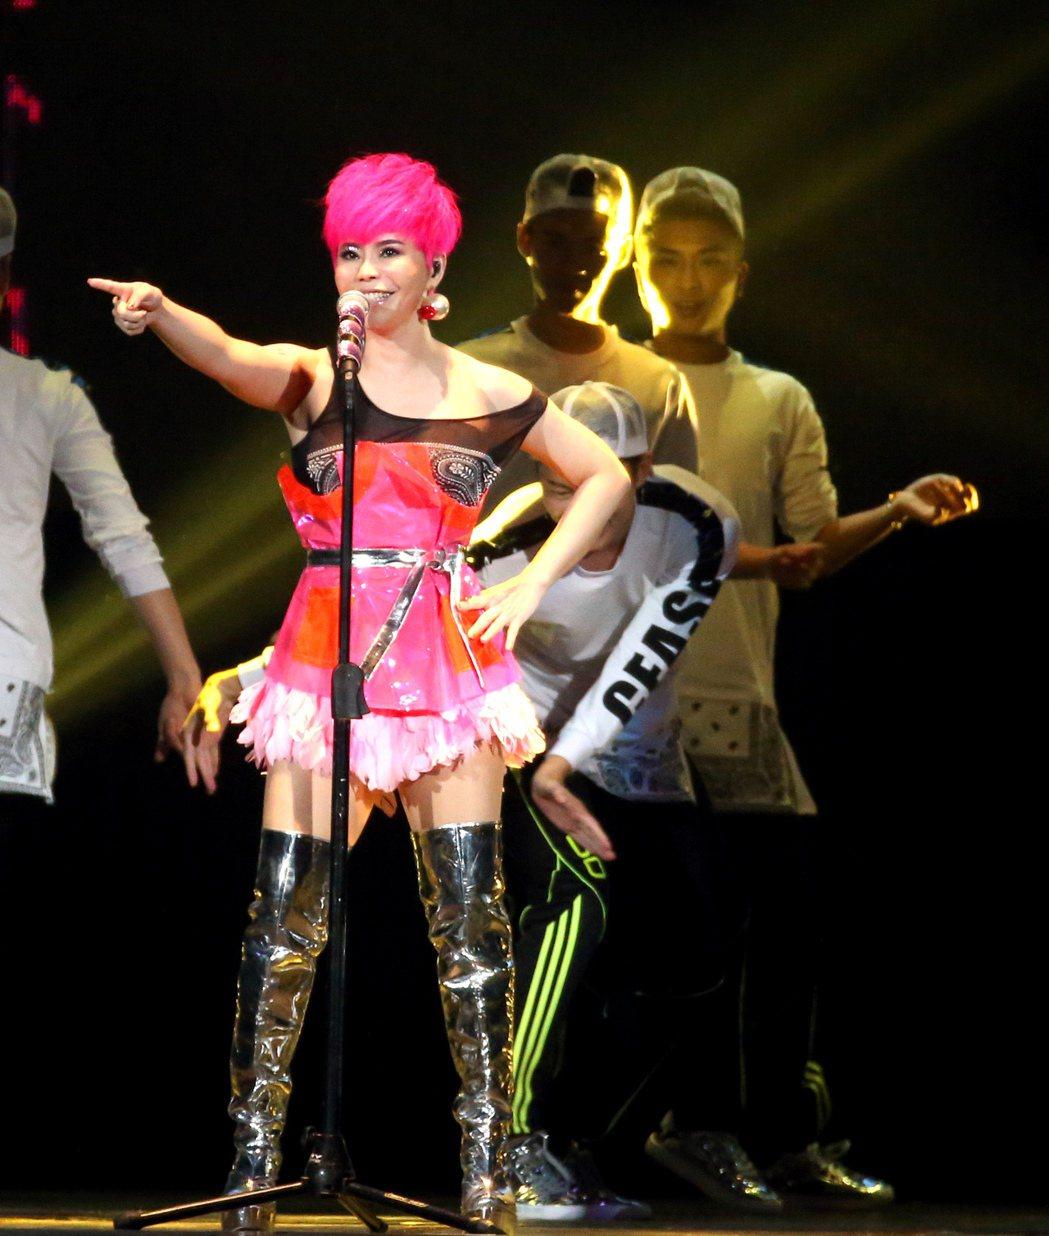 詹雅雯於台北小巨蛋舉辦「我牽你你牽伊」演唱會。記者陳立凱/攝影